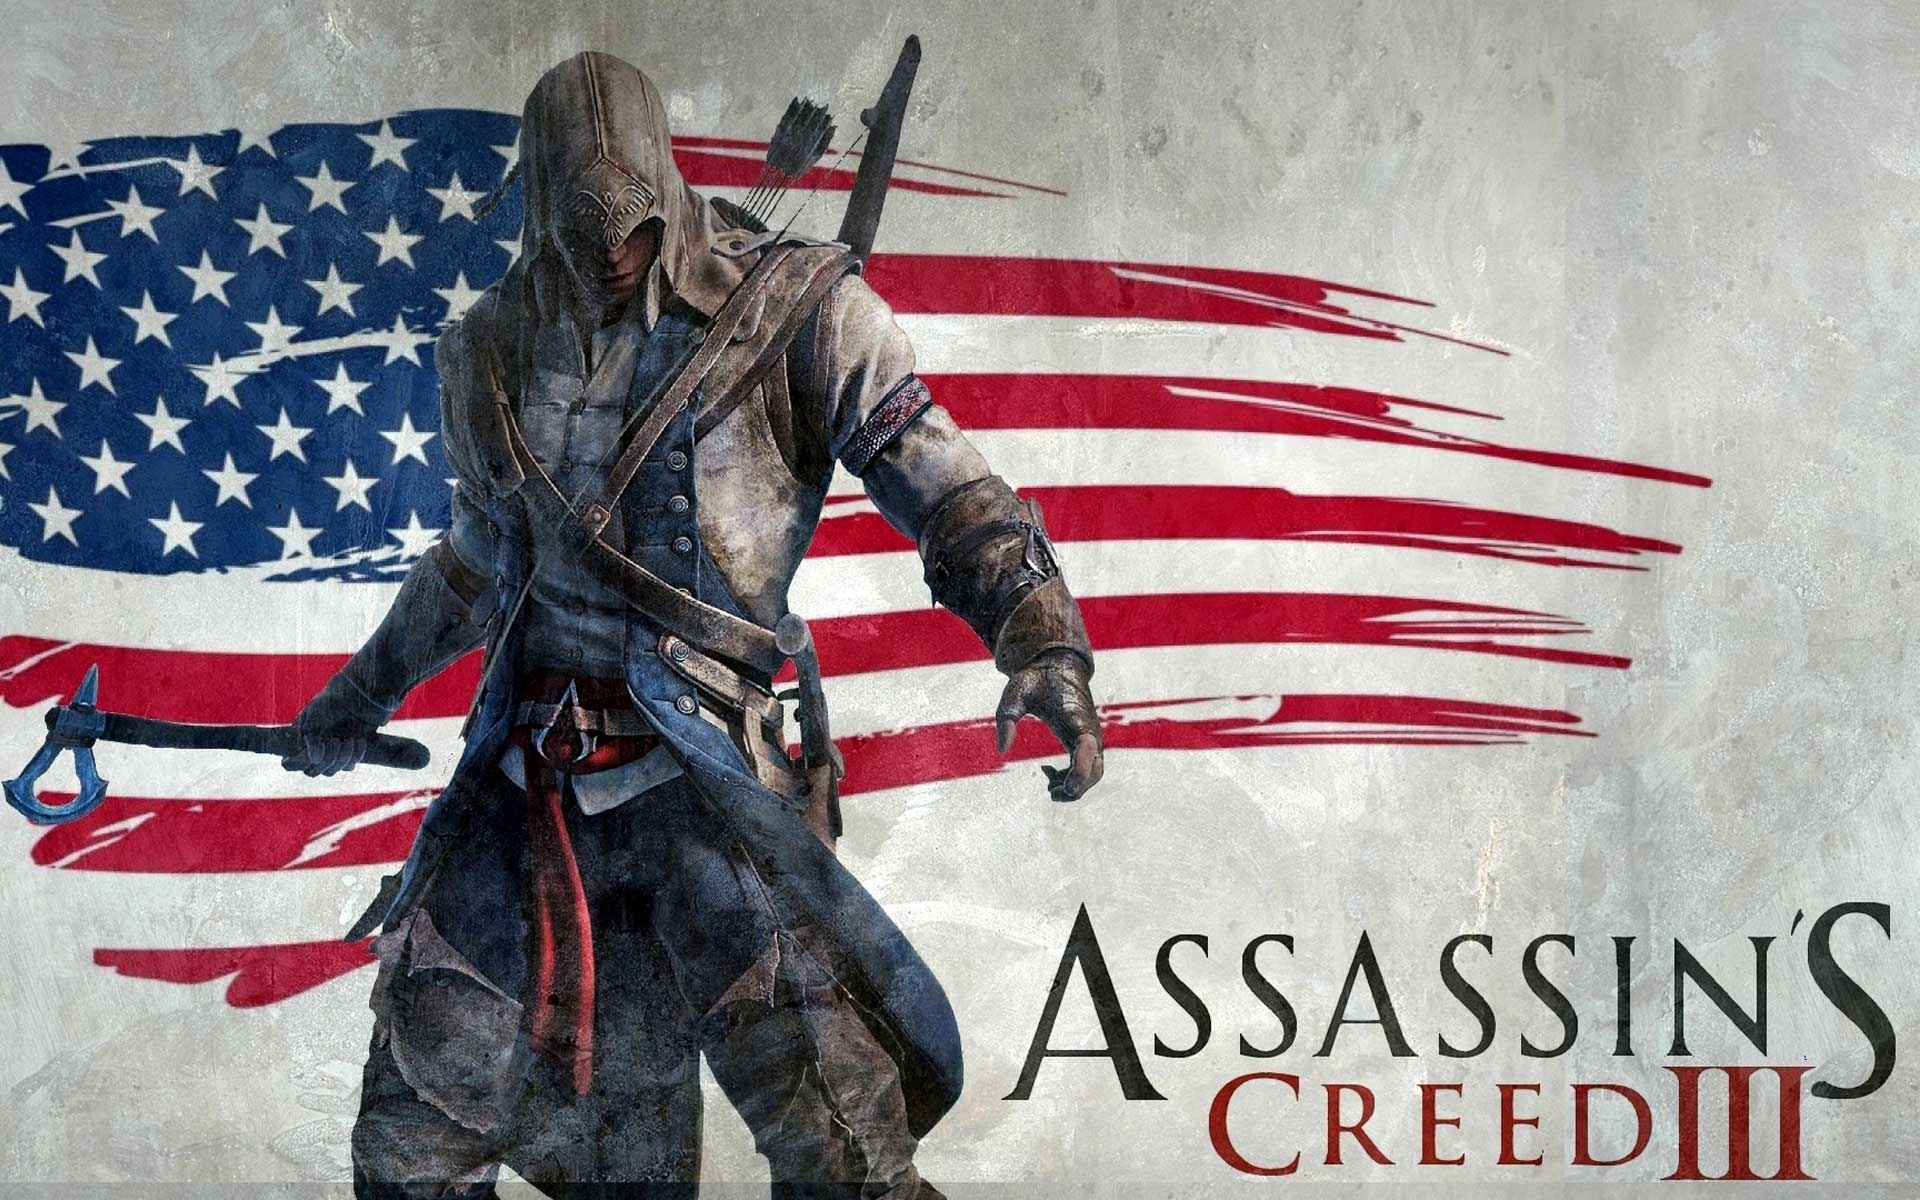 یک قاتل در طول انقلاب آمریکا | assassin's creed III game download free